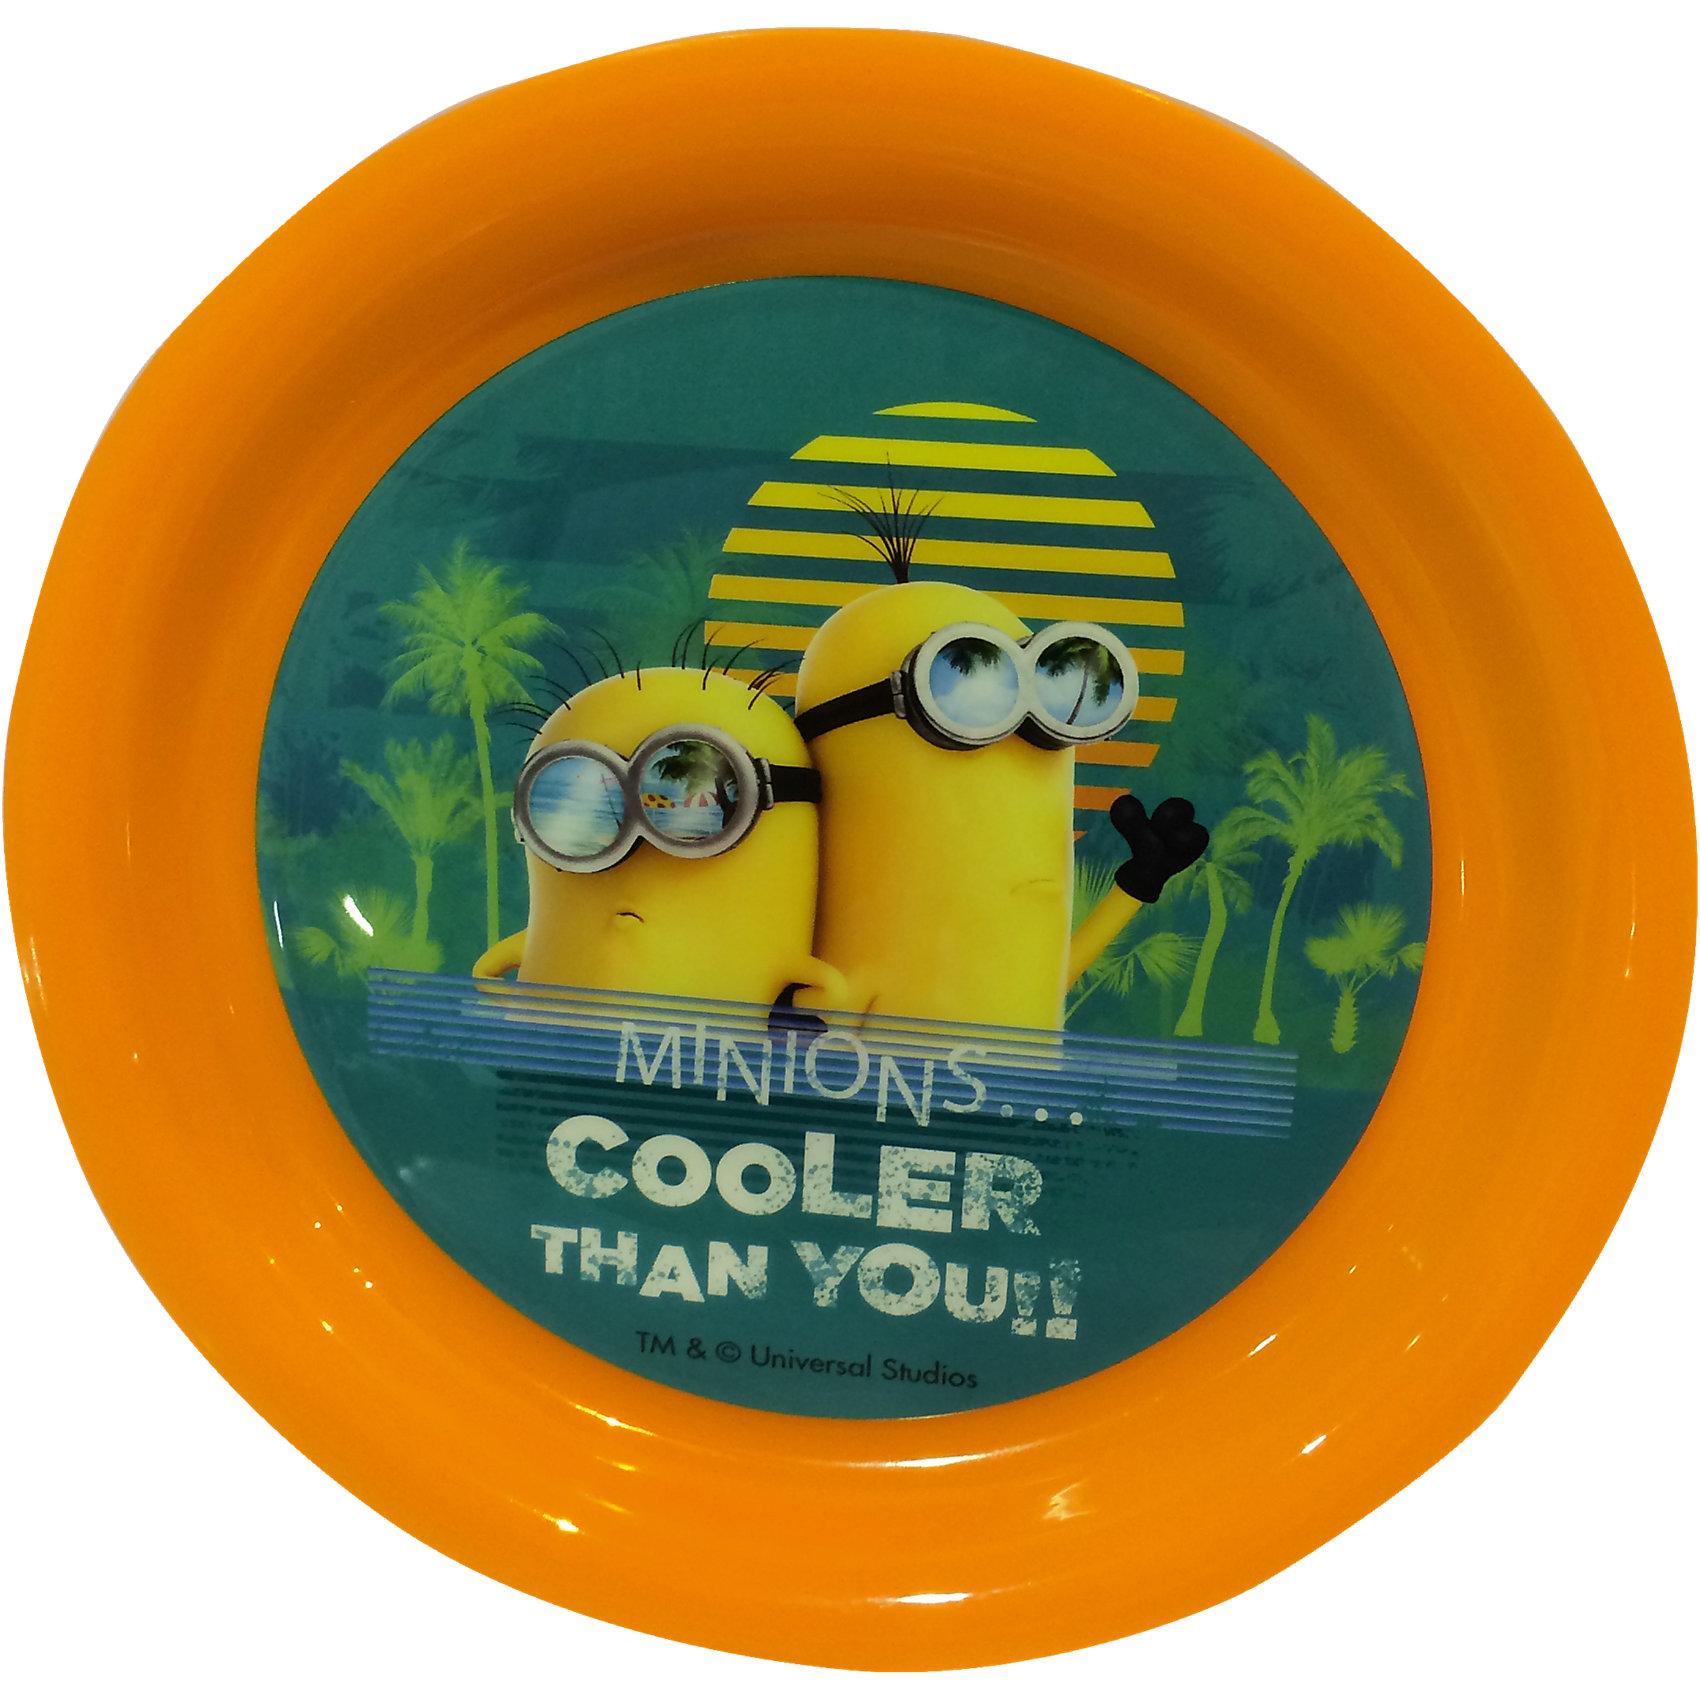 Оранжевая тарелка, МиньоныПосуда<br>Оригинальная детская тарелка Миньоны станет приятным сюрпризом для Вашего ребенка и отлично подойдет для повседневного использования. Тарелка выполнена в ярком красочном дизайне по мотивам популярного мультфильма Гадкий Я (Despicable Me) и украшена изображением забавных персонажей  - миньонов. Материал представляет собой качественный пищевой пластик, не вызывающий аллергии и безопасный для детского здоровья.<br><br>Дополнительная информация:<br><br>- Материал: пластик.<br>- Диаметр тарелки: 19,8 см.<br>- Размер: 19,8 х 19,8 х 3 см.<br>- Вес: 50 гр.<br><br>Оранжевую тарелку, Миньоны, можно купить в нашем интернет-магазине.<br><br>Ширина мм: 198<br>Глубина мм: 198<br>Высота мм: 30<br>Вес г: 50<br>Возраст от месяцев: 36<br>Возраст до месяцев: 192<br>Пол: Унисекс<br>Возраст: Детский<br>SKU: 4093878